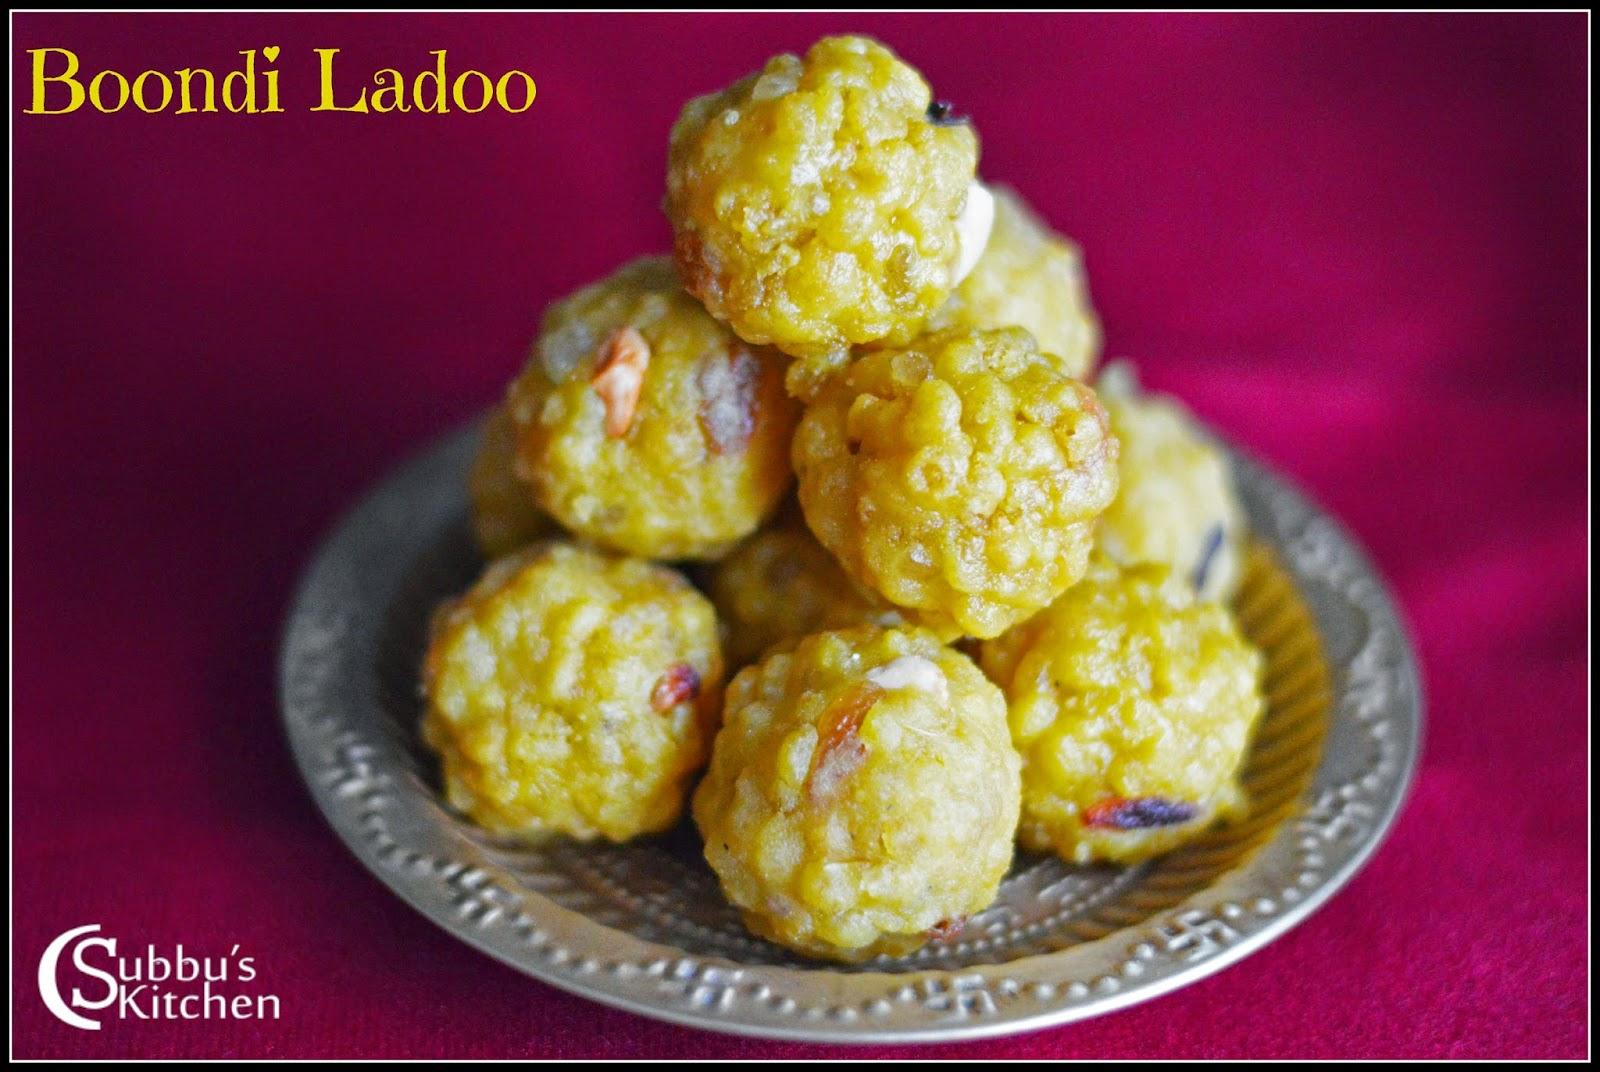 Laddu Recipe Boondi Ladoo Recipe Subbus Kitchen